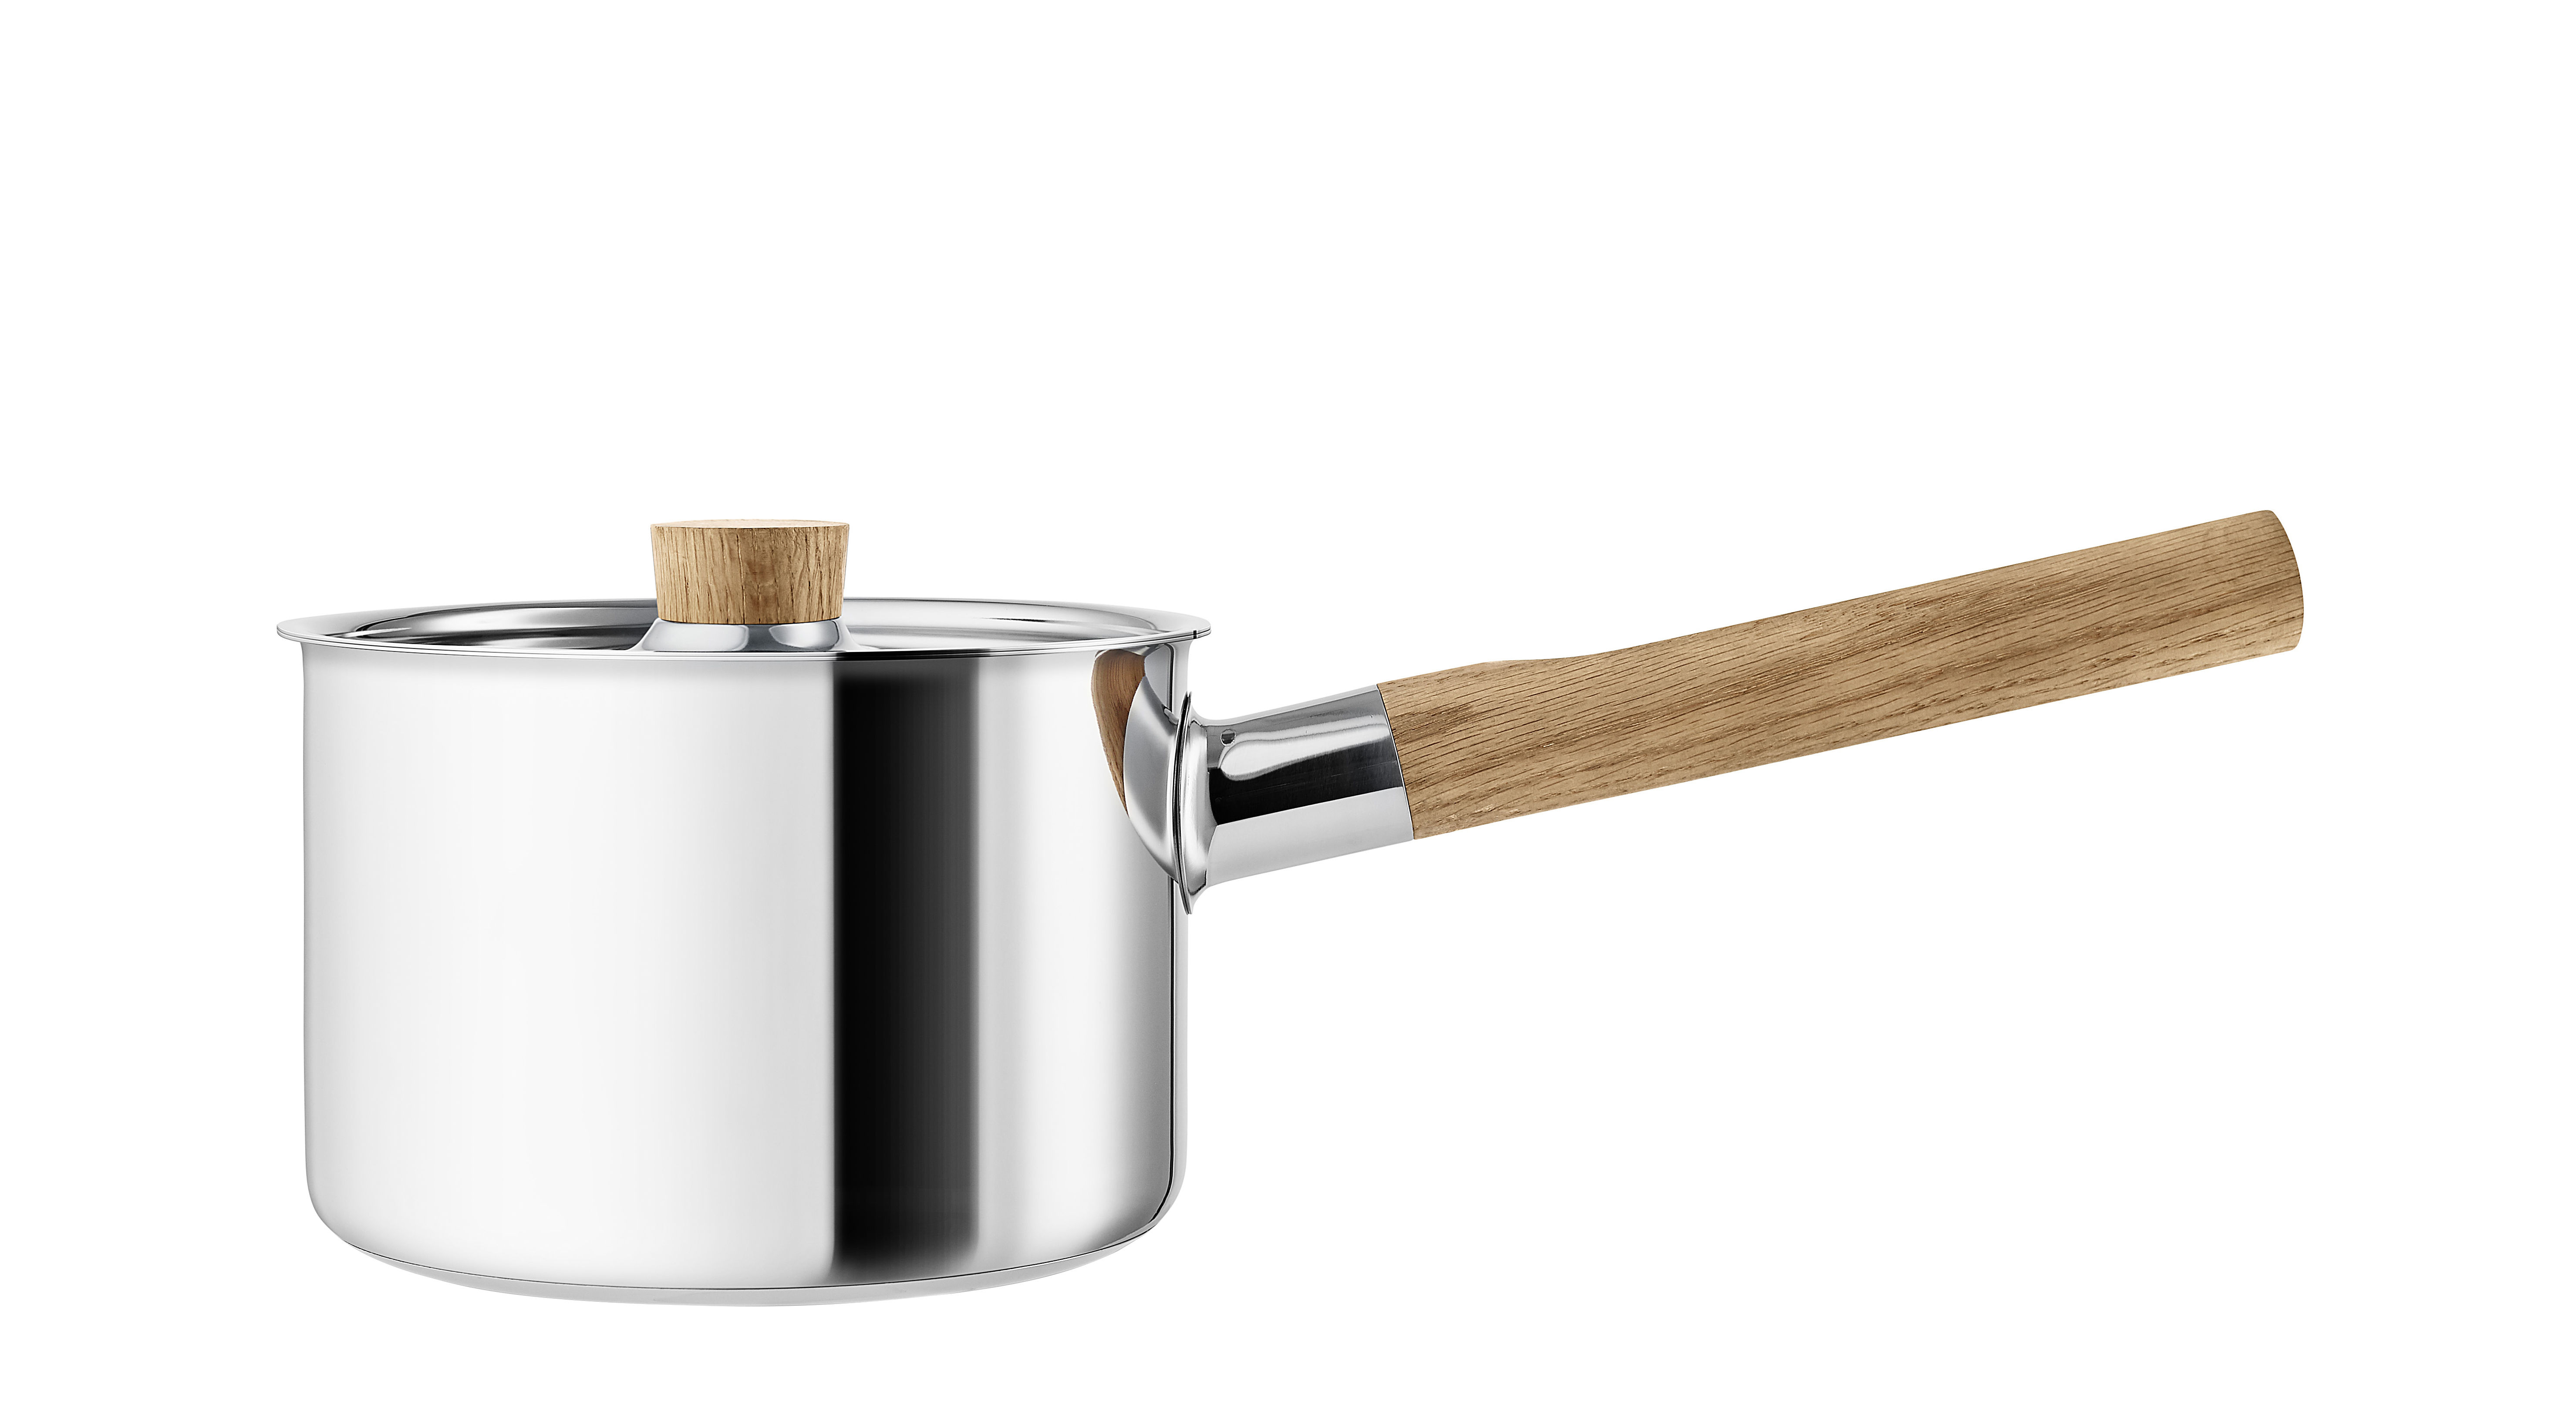 Küche - Pfannen, Koch- und Schmortöpfe - Nordic Kitchen Kochtopf / 2 l - mit Deckel - Eva Solo - Edelstahl / Eiche - Eiche, rostfreier Stahl